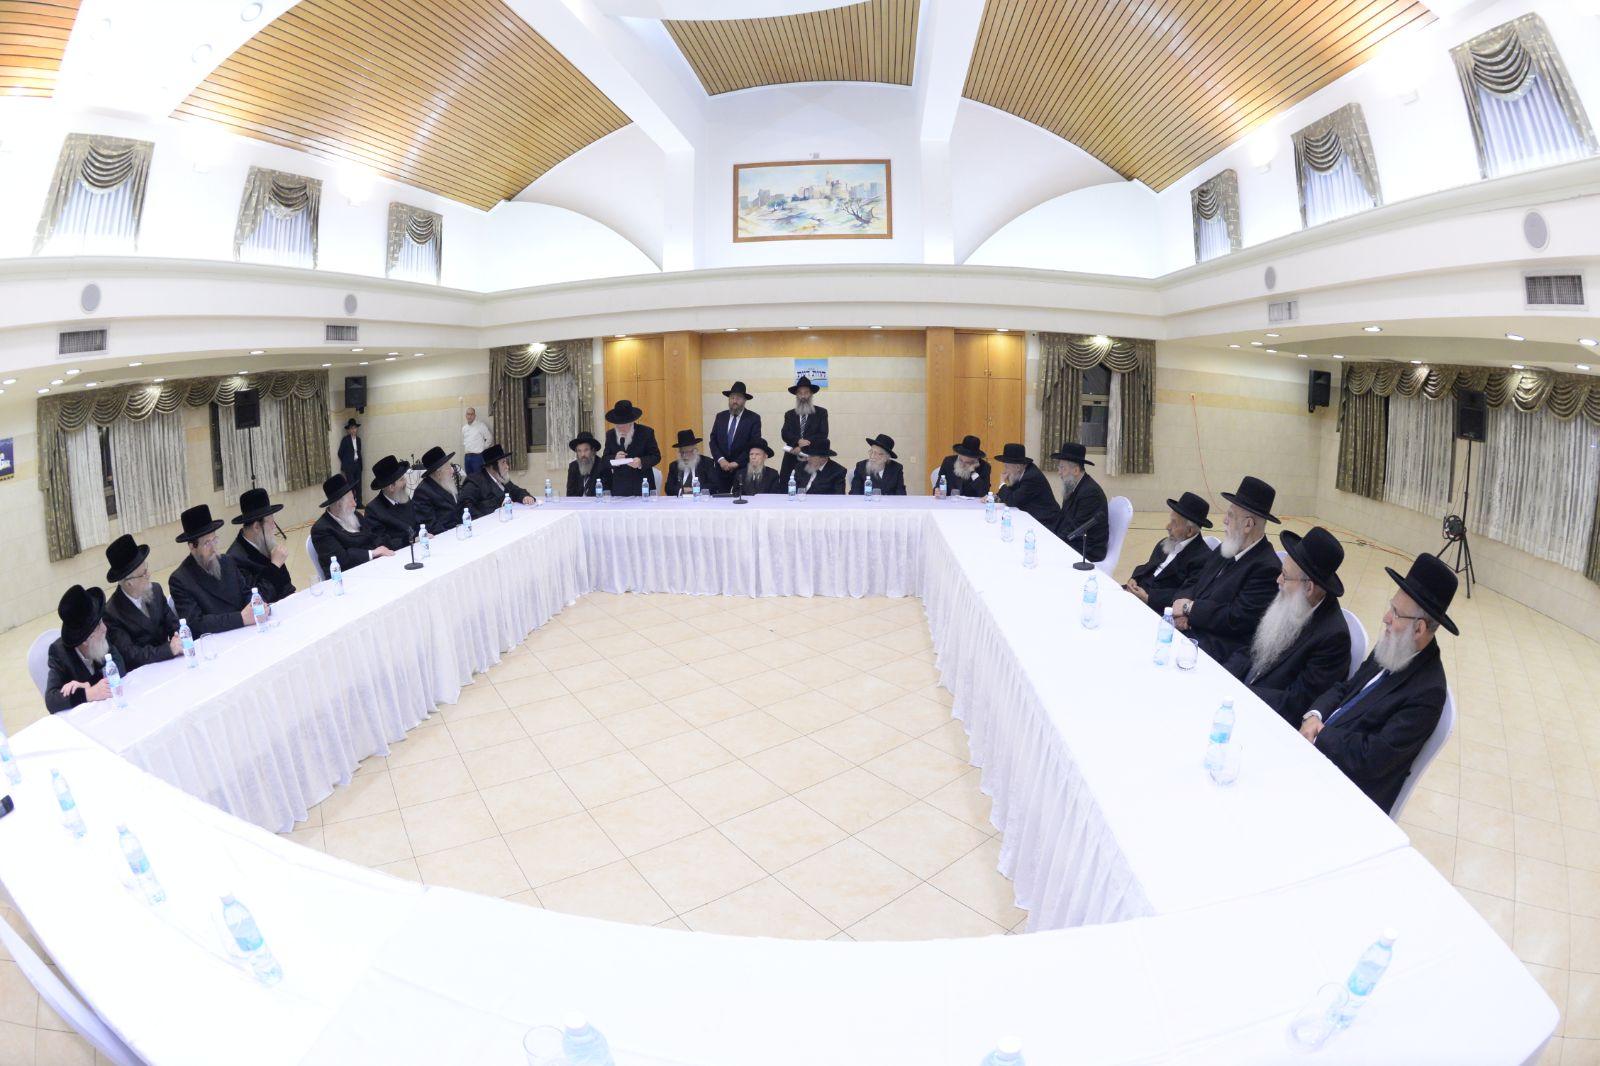 כינוס גדולי ישראל התארך מעבר לצפוי: אלו החלטות המועצות